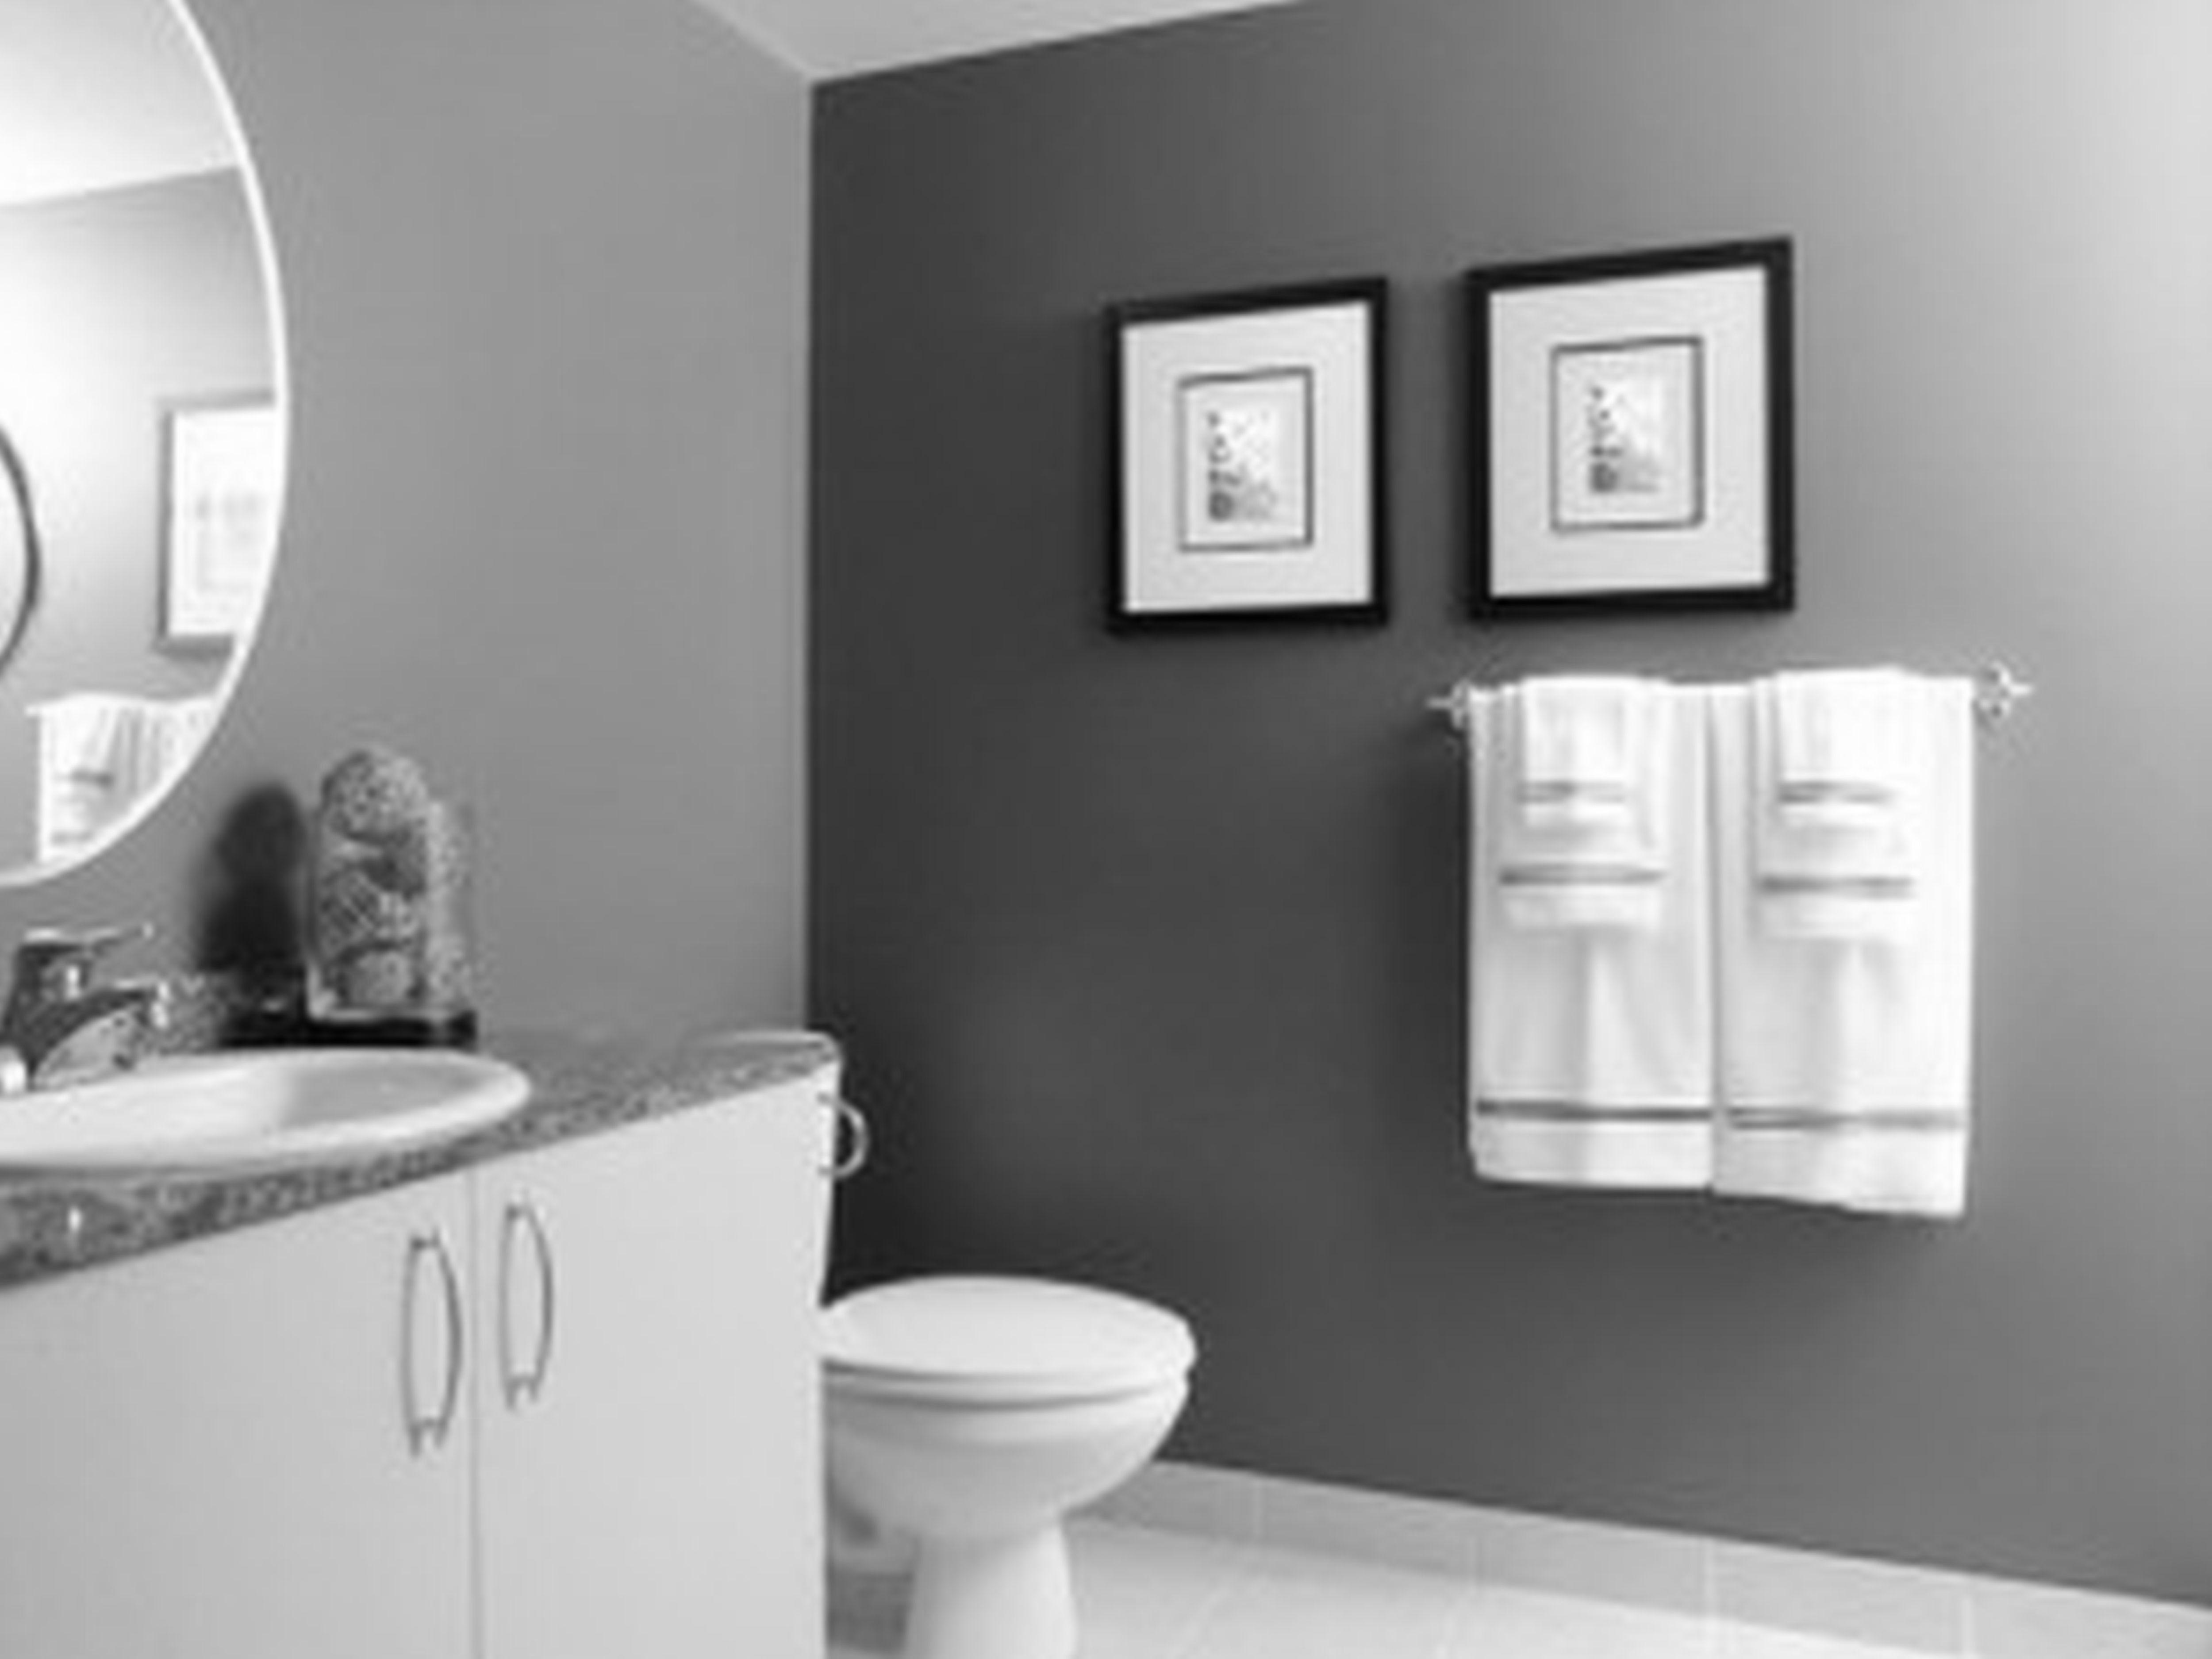 Bathroom. Freshest Small Bathroom Paint Color Ideas: Warm ...